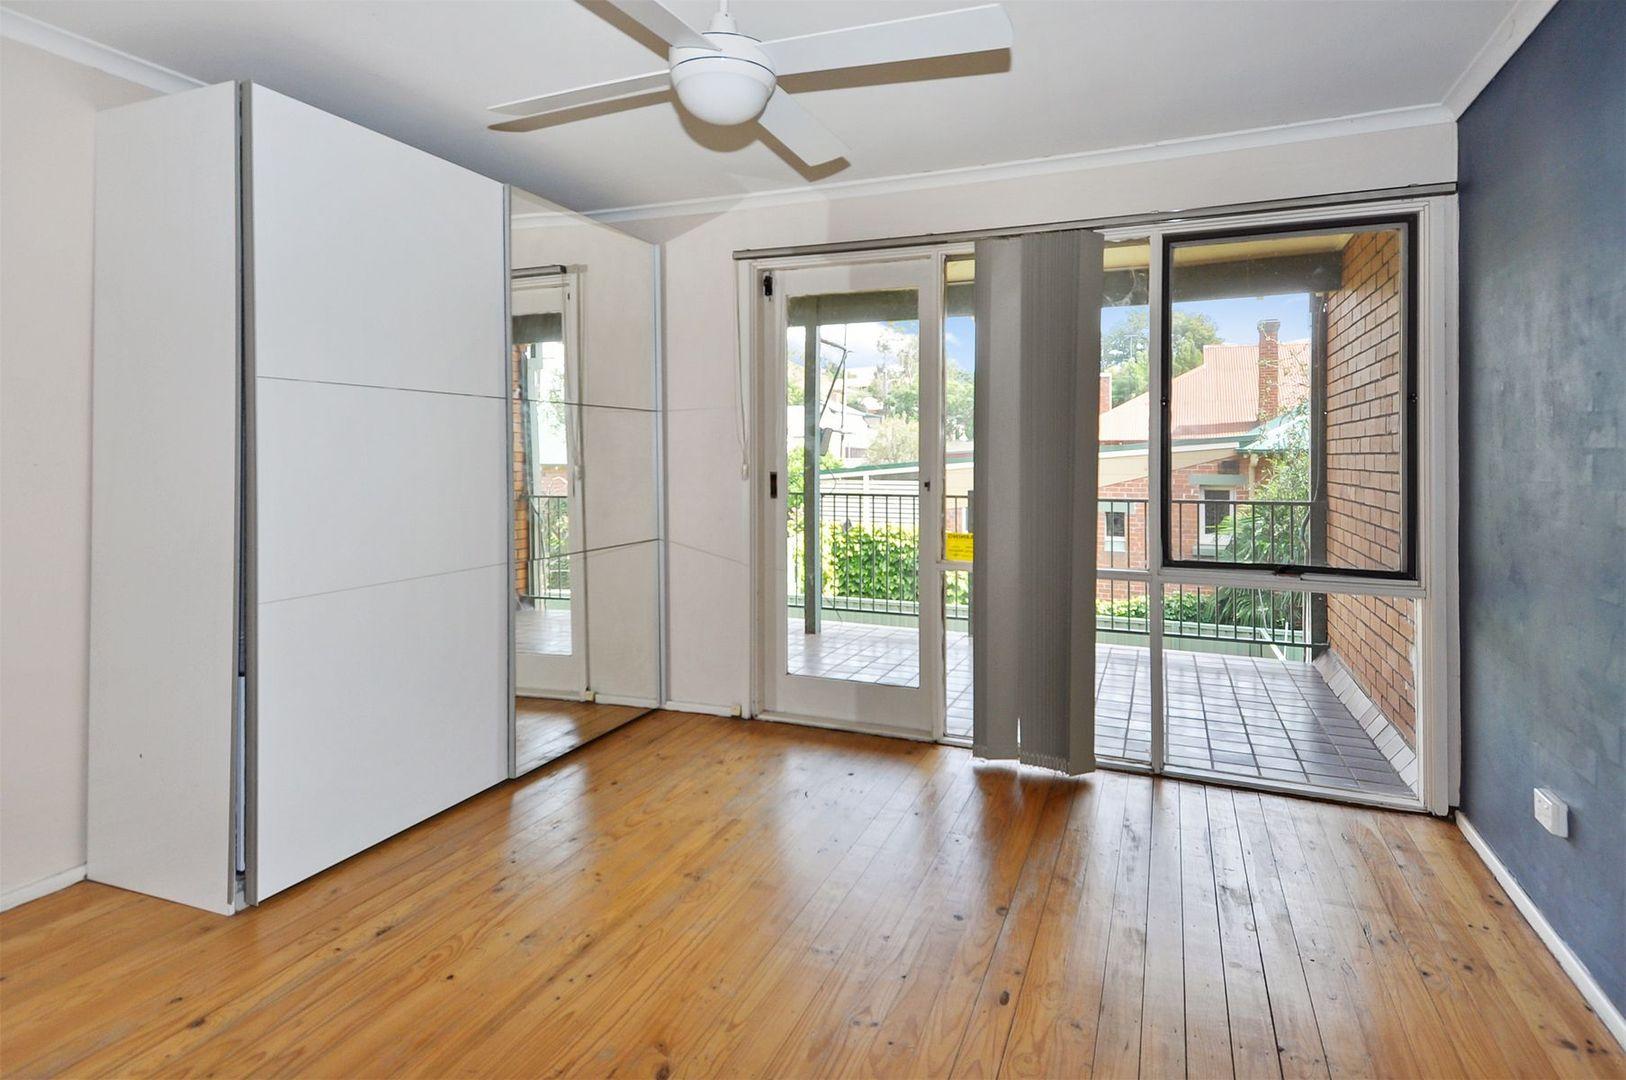 2/196 Keppel Street, Bathurst NSW 2795, Image 2